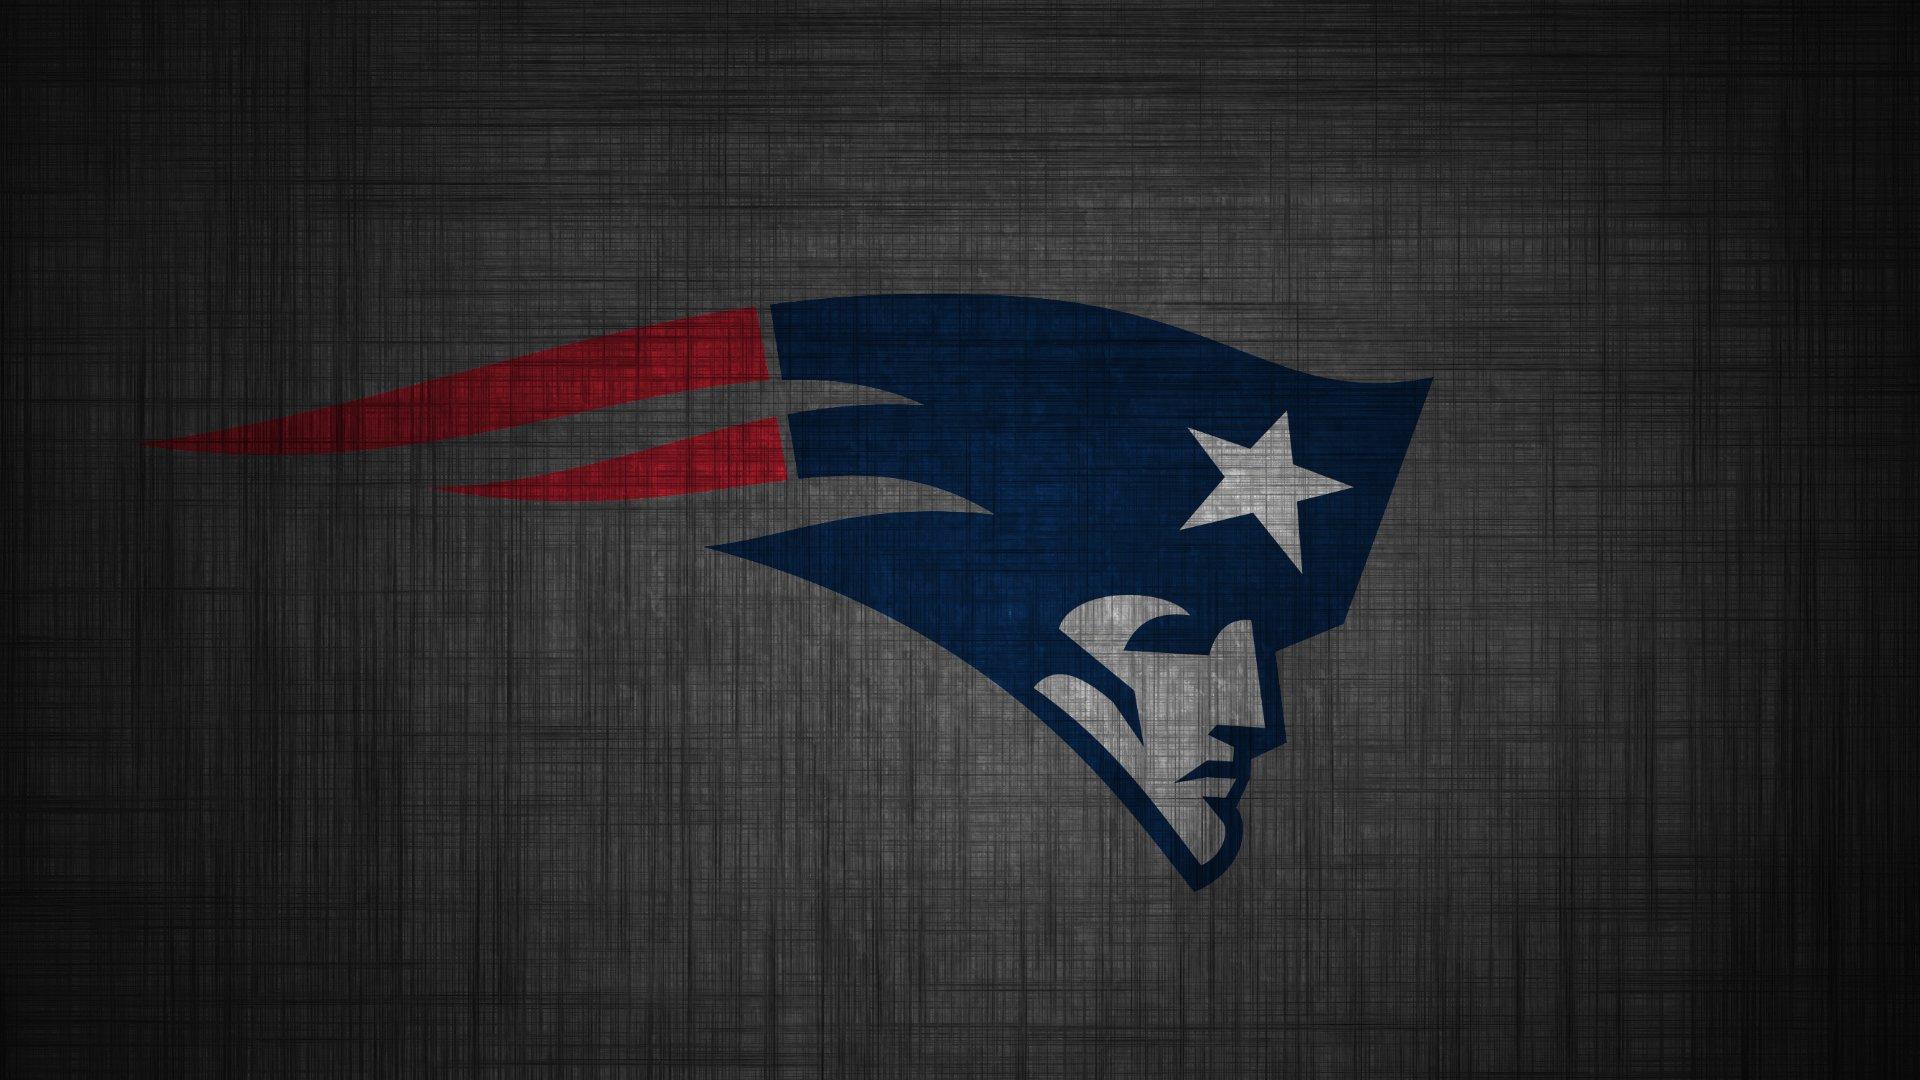 New England Patriots Wallpaper 8977 1920 x 1080   WallpaperLayercom 1920x1080